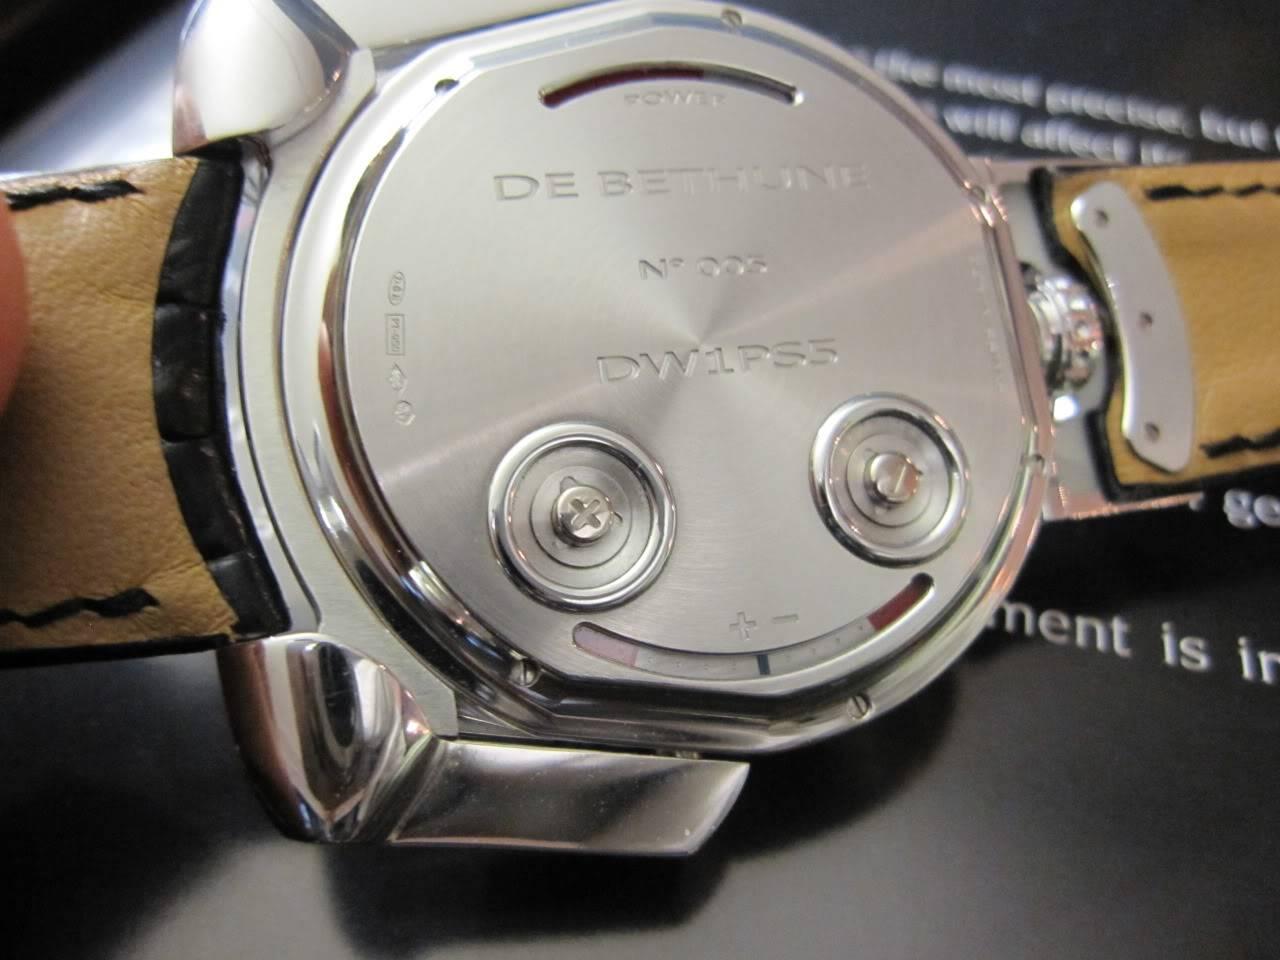 Où l'horlogerie devient art... (De Bethune inside) - Page 2 DB_SIHH2010_035